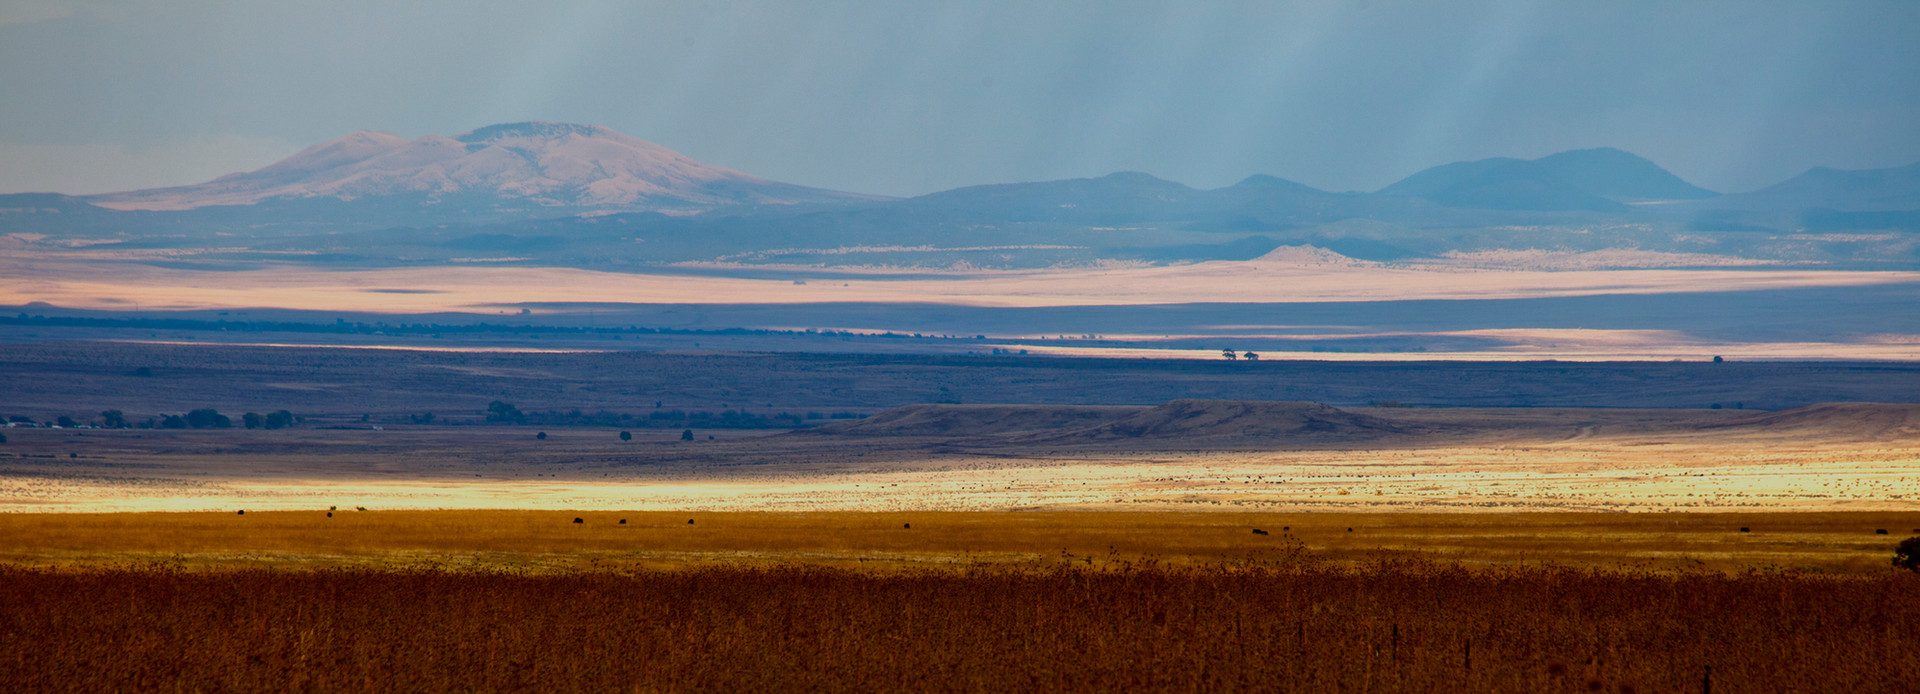 Taos and Beyond- 22